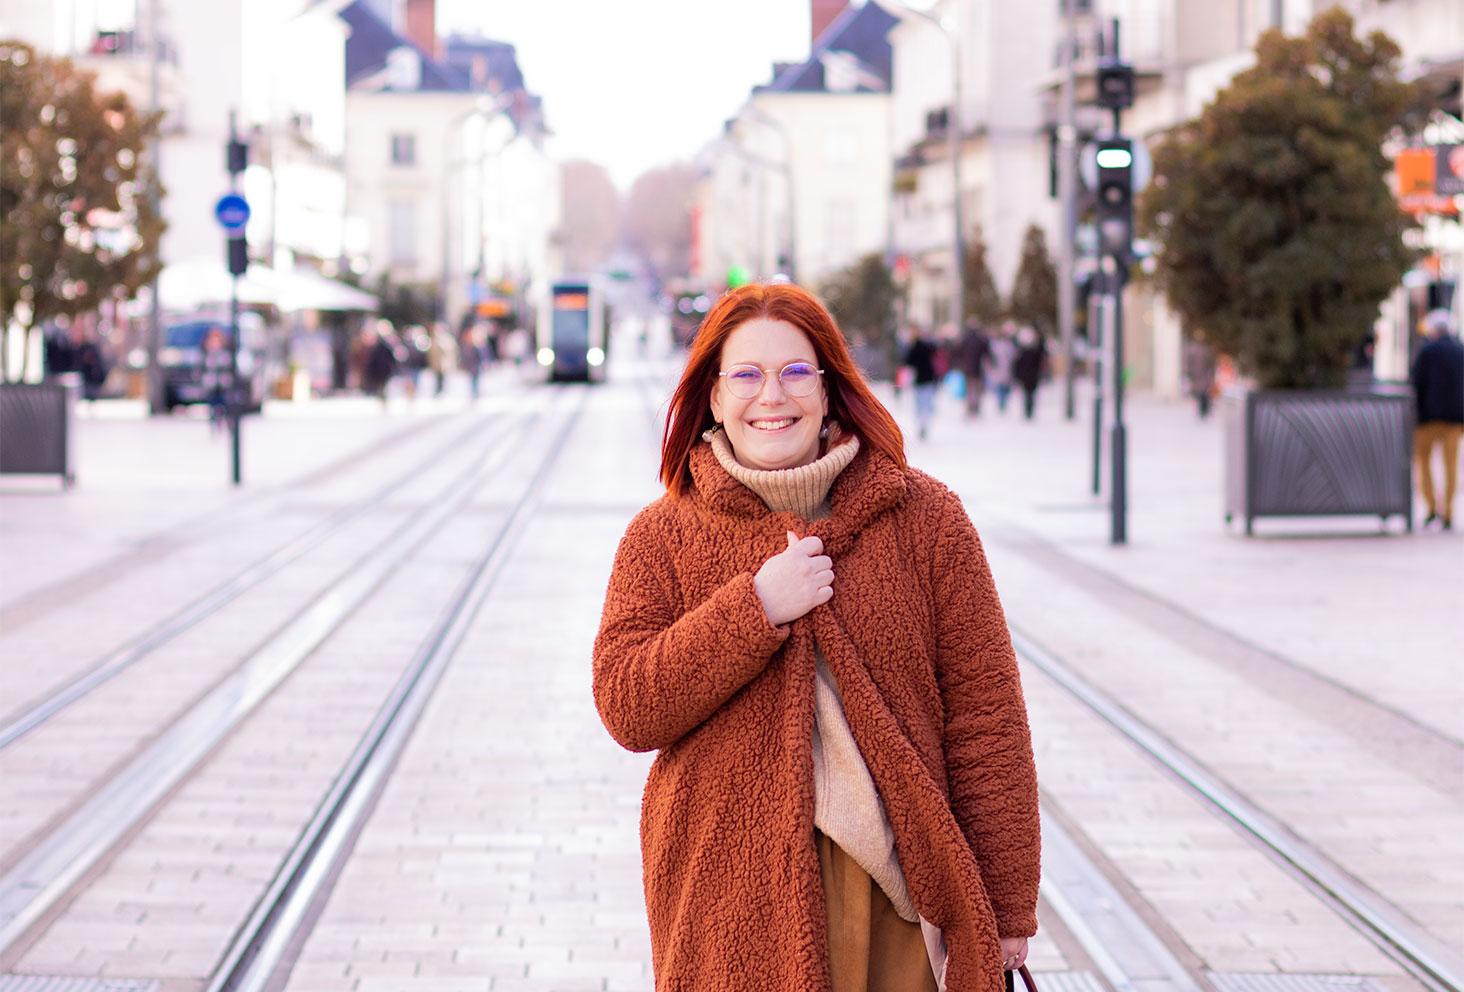 Zoom sur le manteau marron en moumoute SheIn porté par-dessus un gros pull à col roulé beige, au milieu de la rue Nationale à Tours